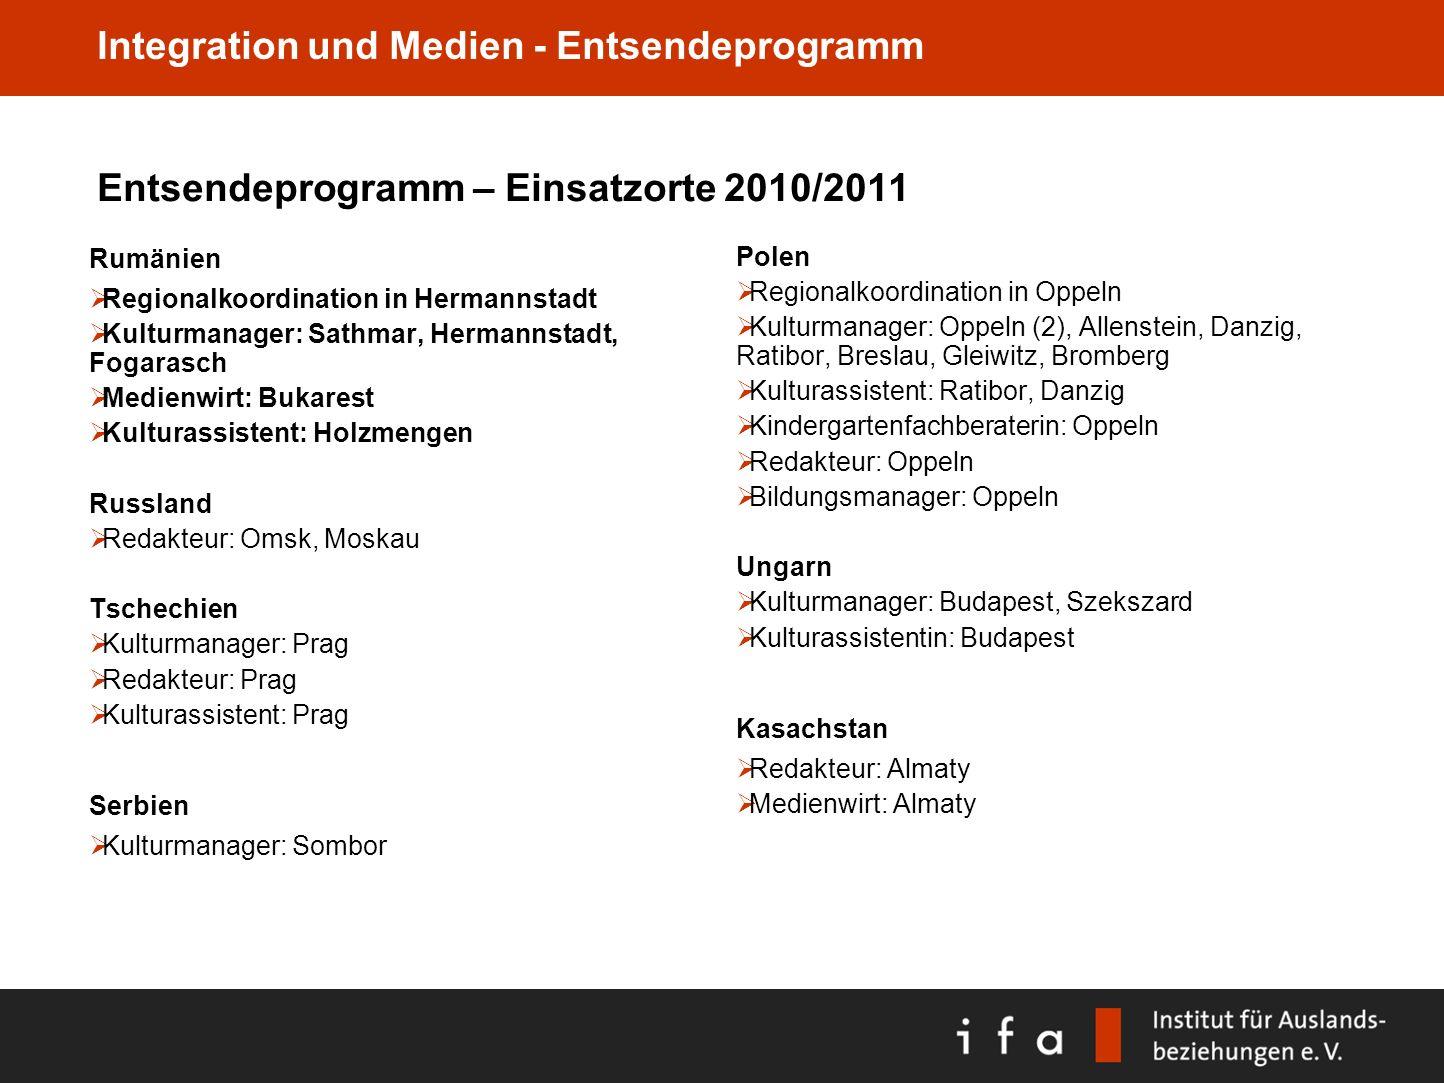 Integration und Medien - Entsendeprogramm Ausschreibung des Programms - Bewerbungsfristen Ausschreibung der Stellen als Gastinstitution im Oktober jeden Jahres, Bewerbungsende für 2011/2012: 14.